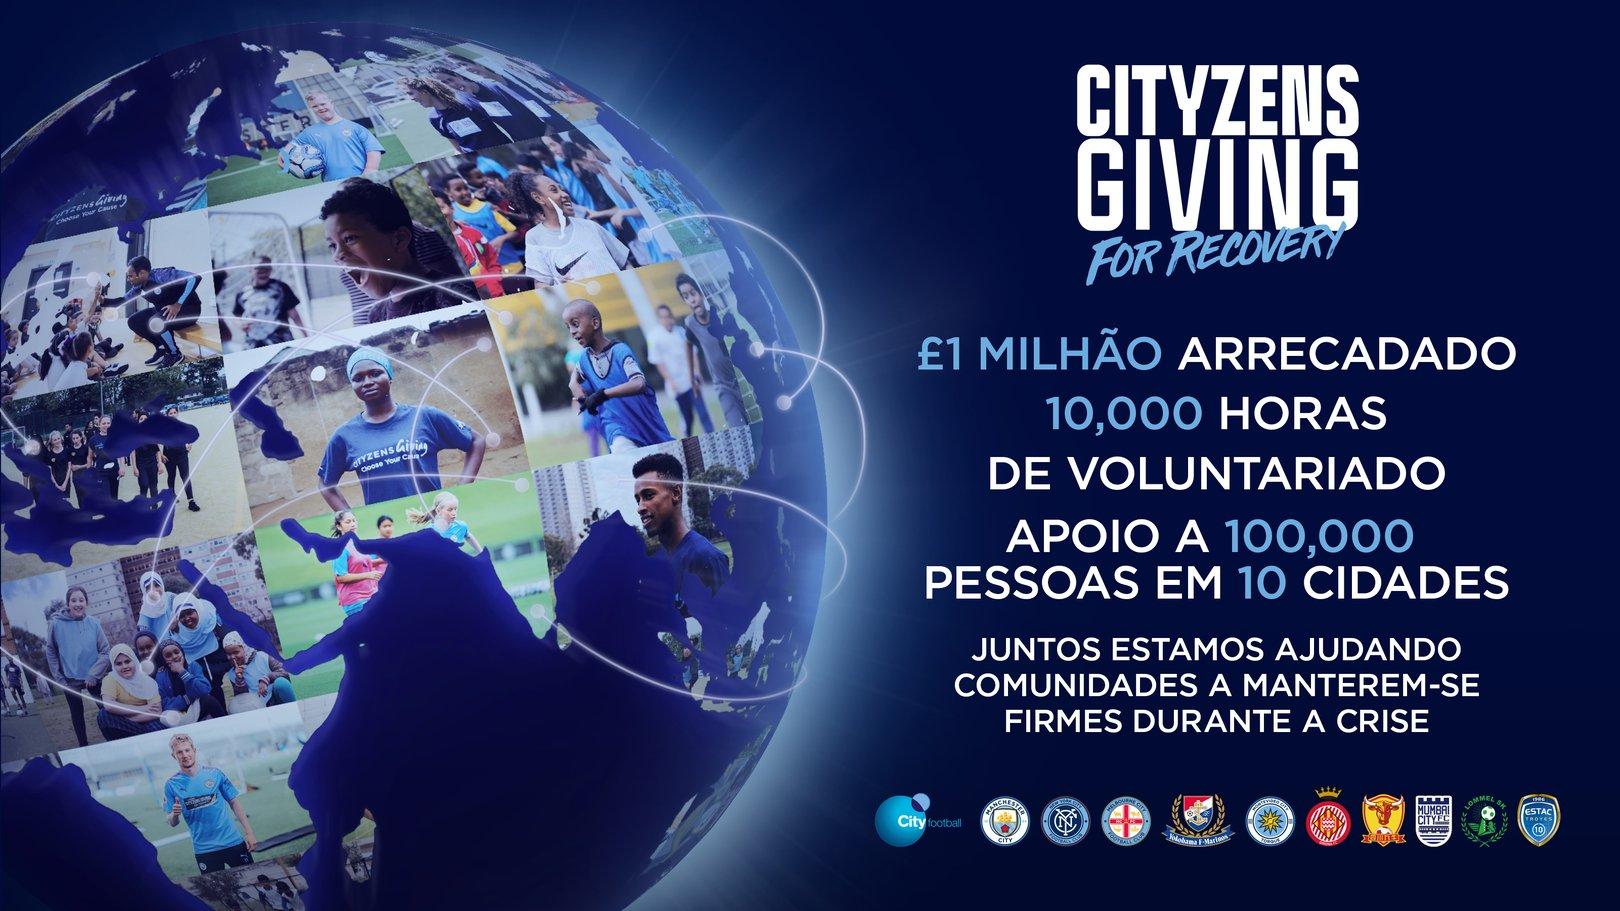 O CFG comemora o grande sucesso do Cityzens Giving For Recovery!